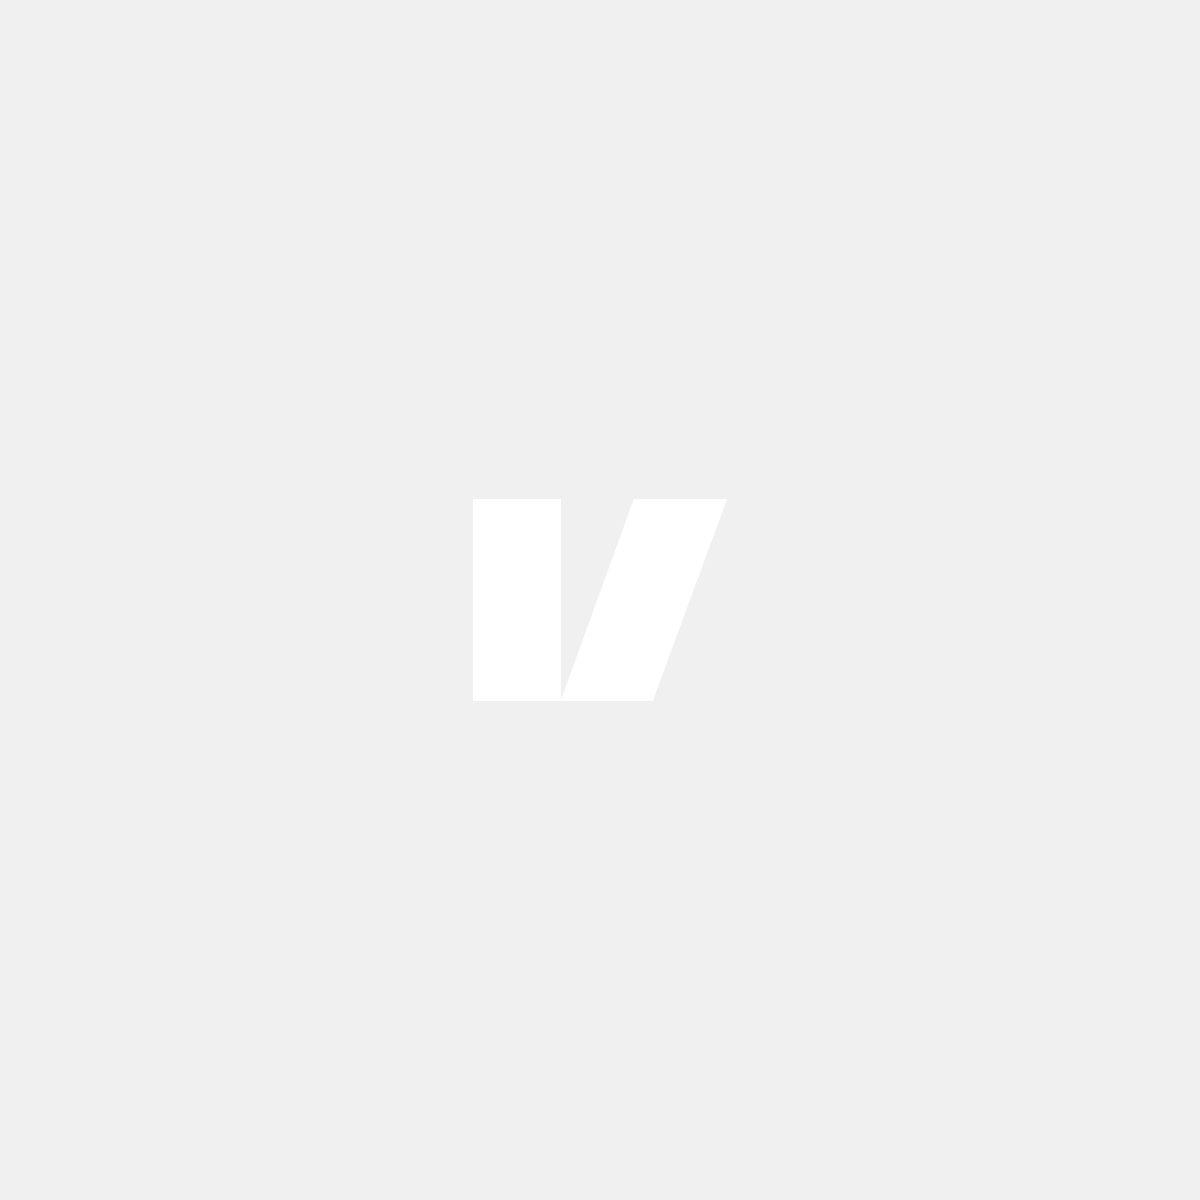 Kromad strålkastare till Volvo S40, V40 00-04, höger